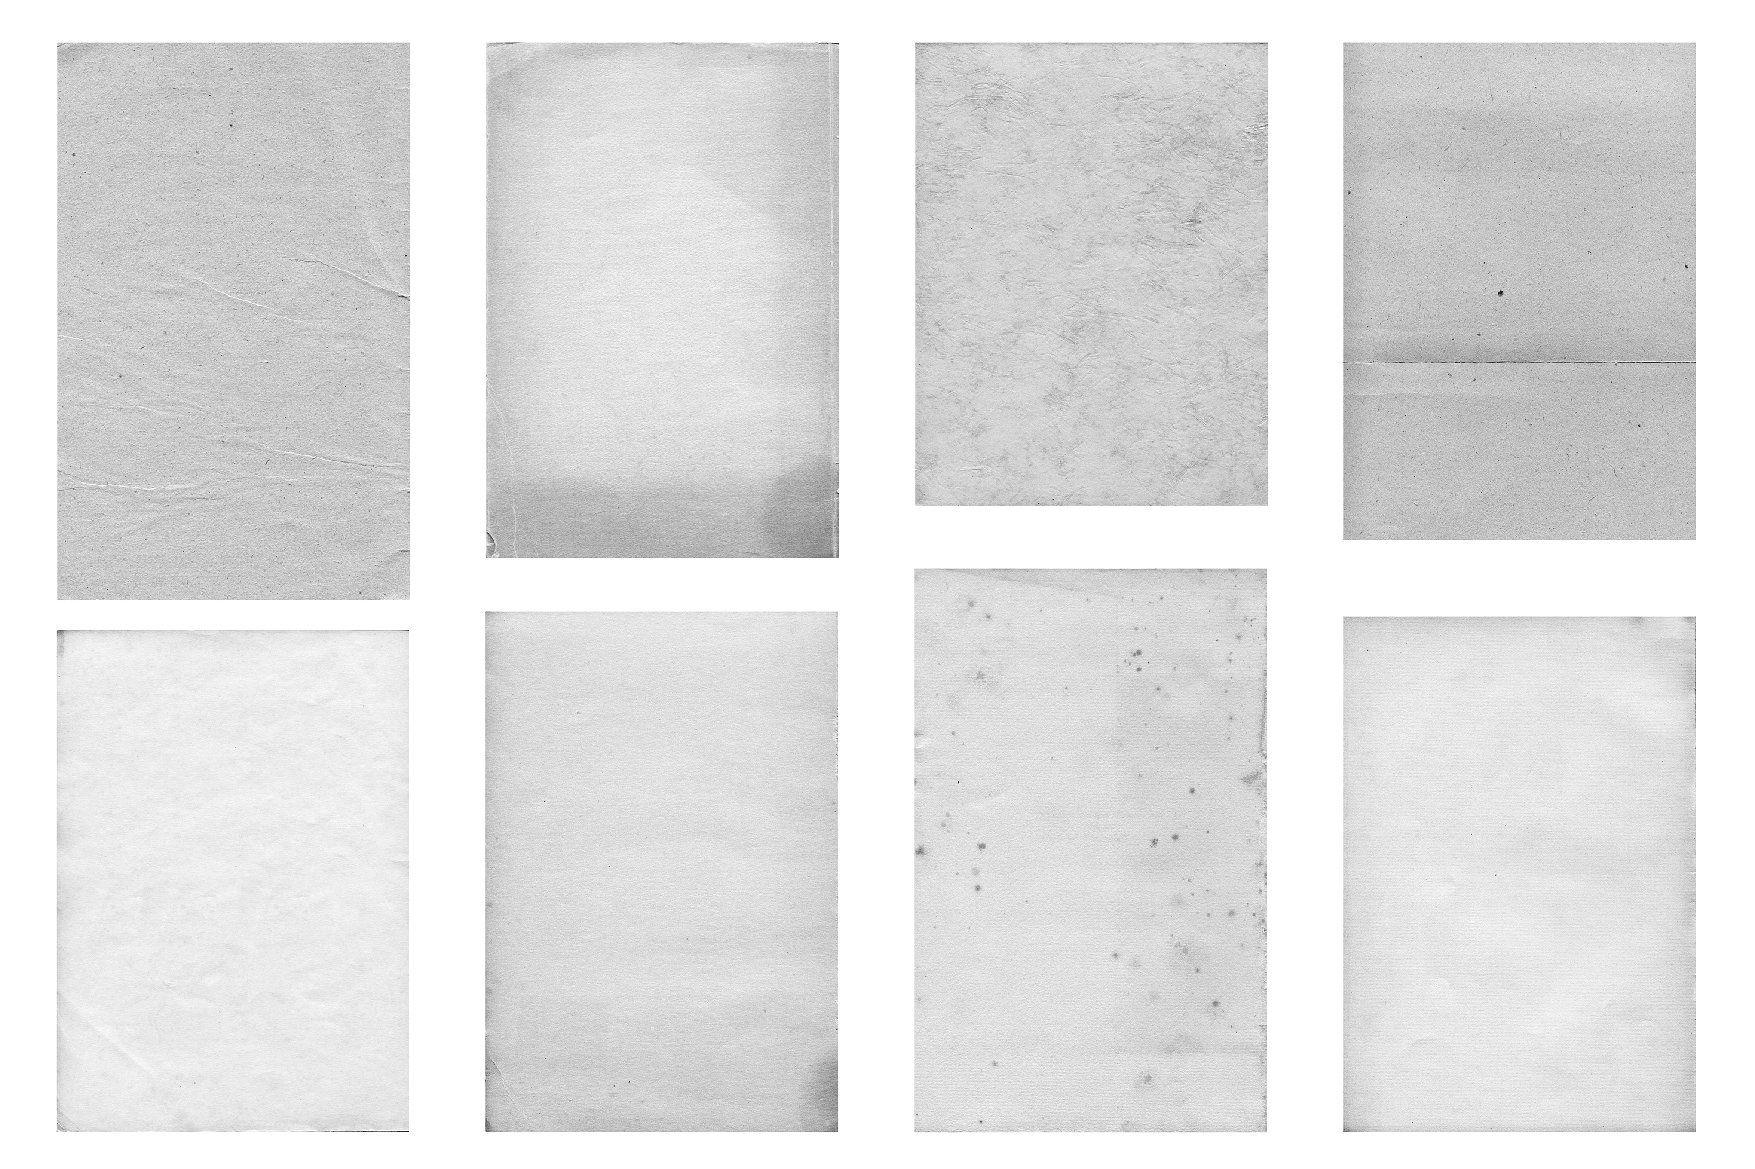 Vintage Paper Overlay Vintage Paper Textures Vintage Paper Overlays Transparent